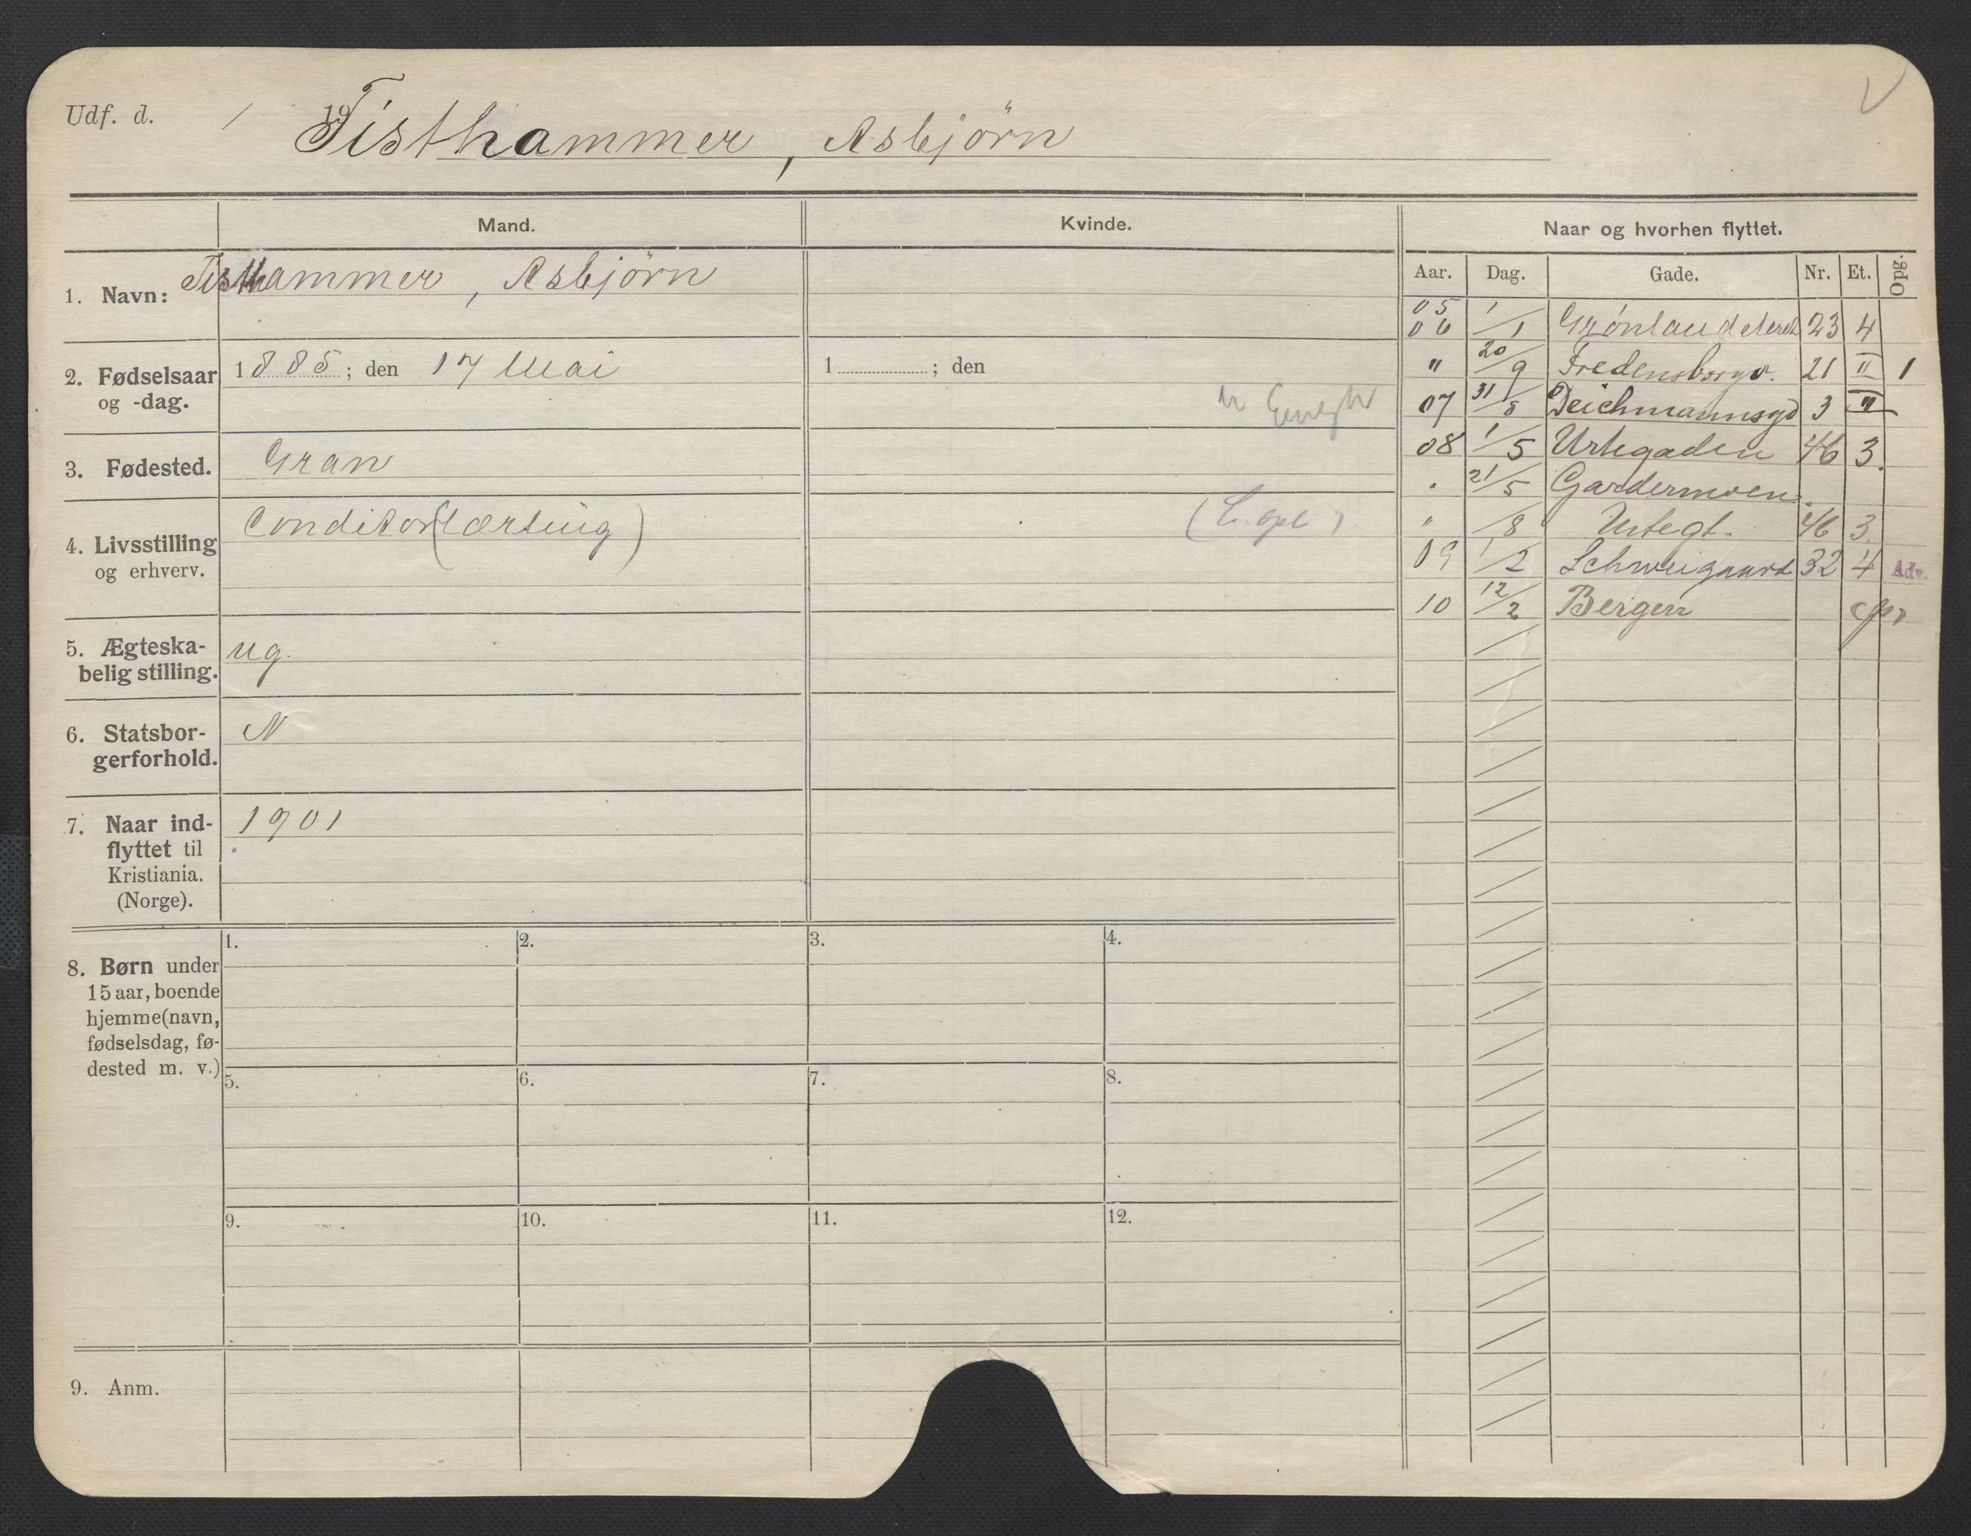 SAO, Oslo folkeregister, Registerkort, F/Fa/Fac/L0011: Menn, 1906-1914, s. 101a